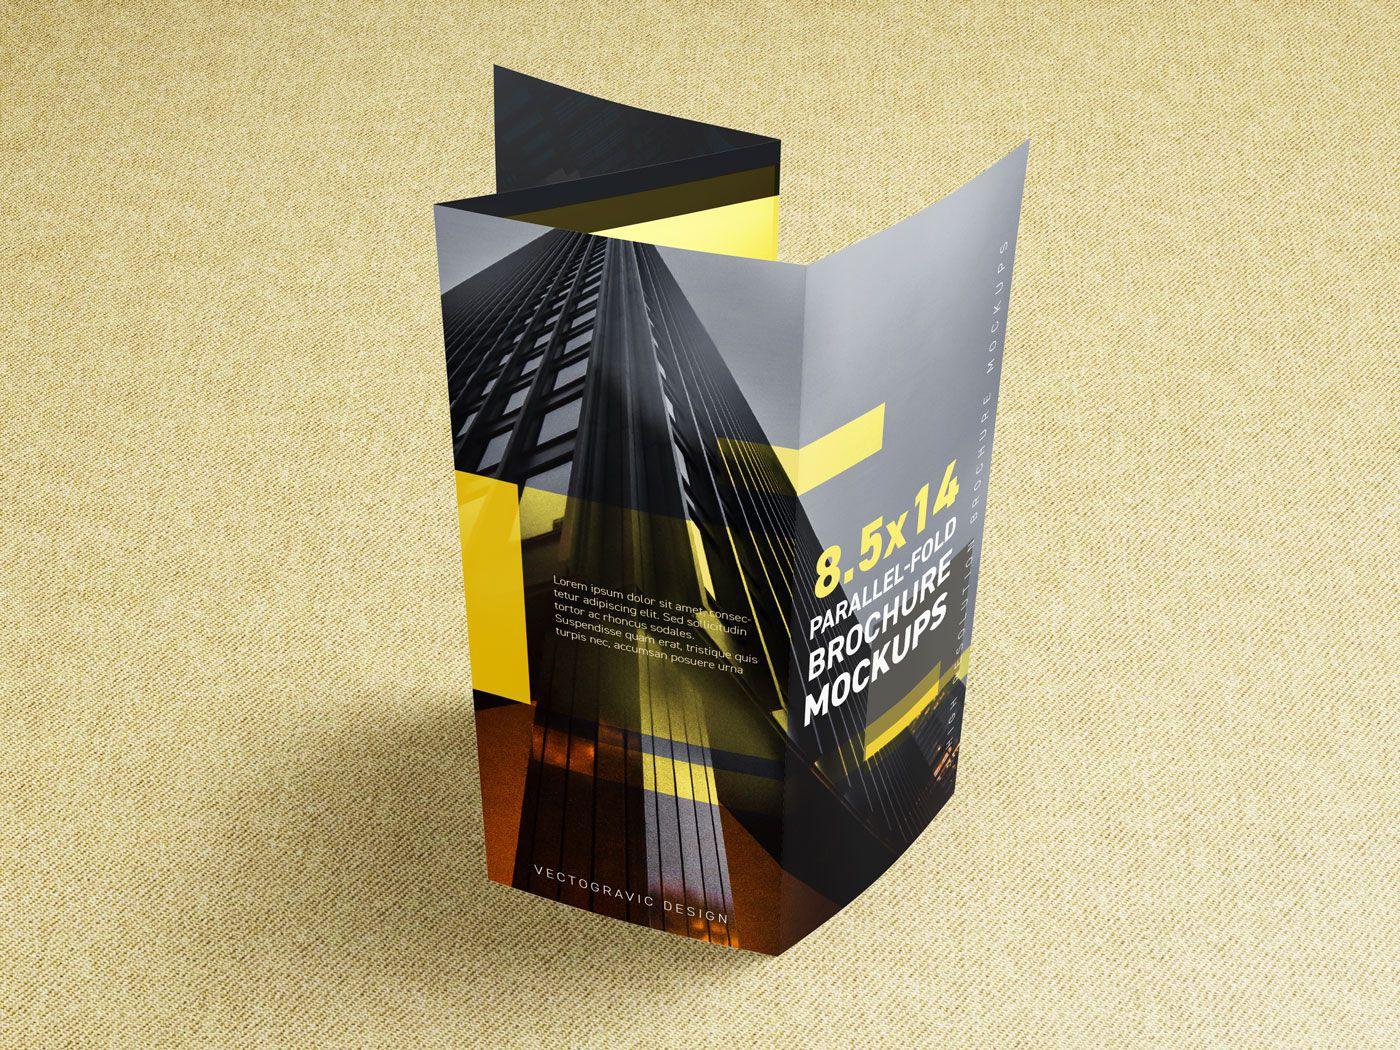 8.5×14 Parallel-fold Brochure Mockups